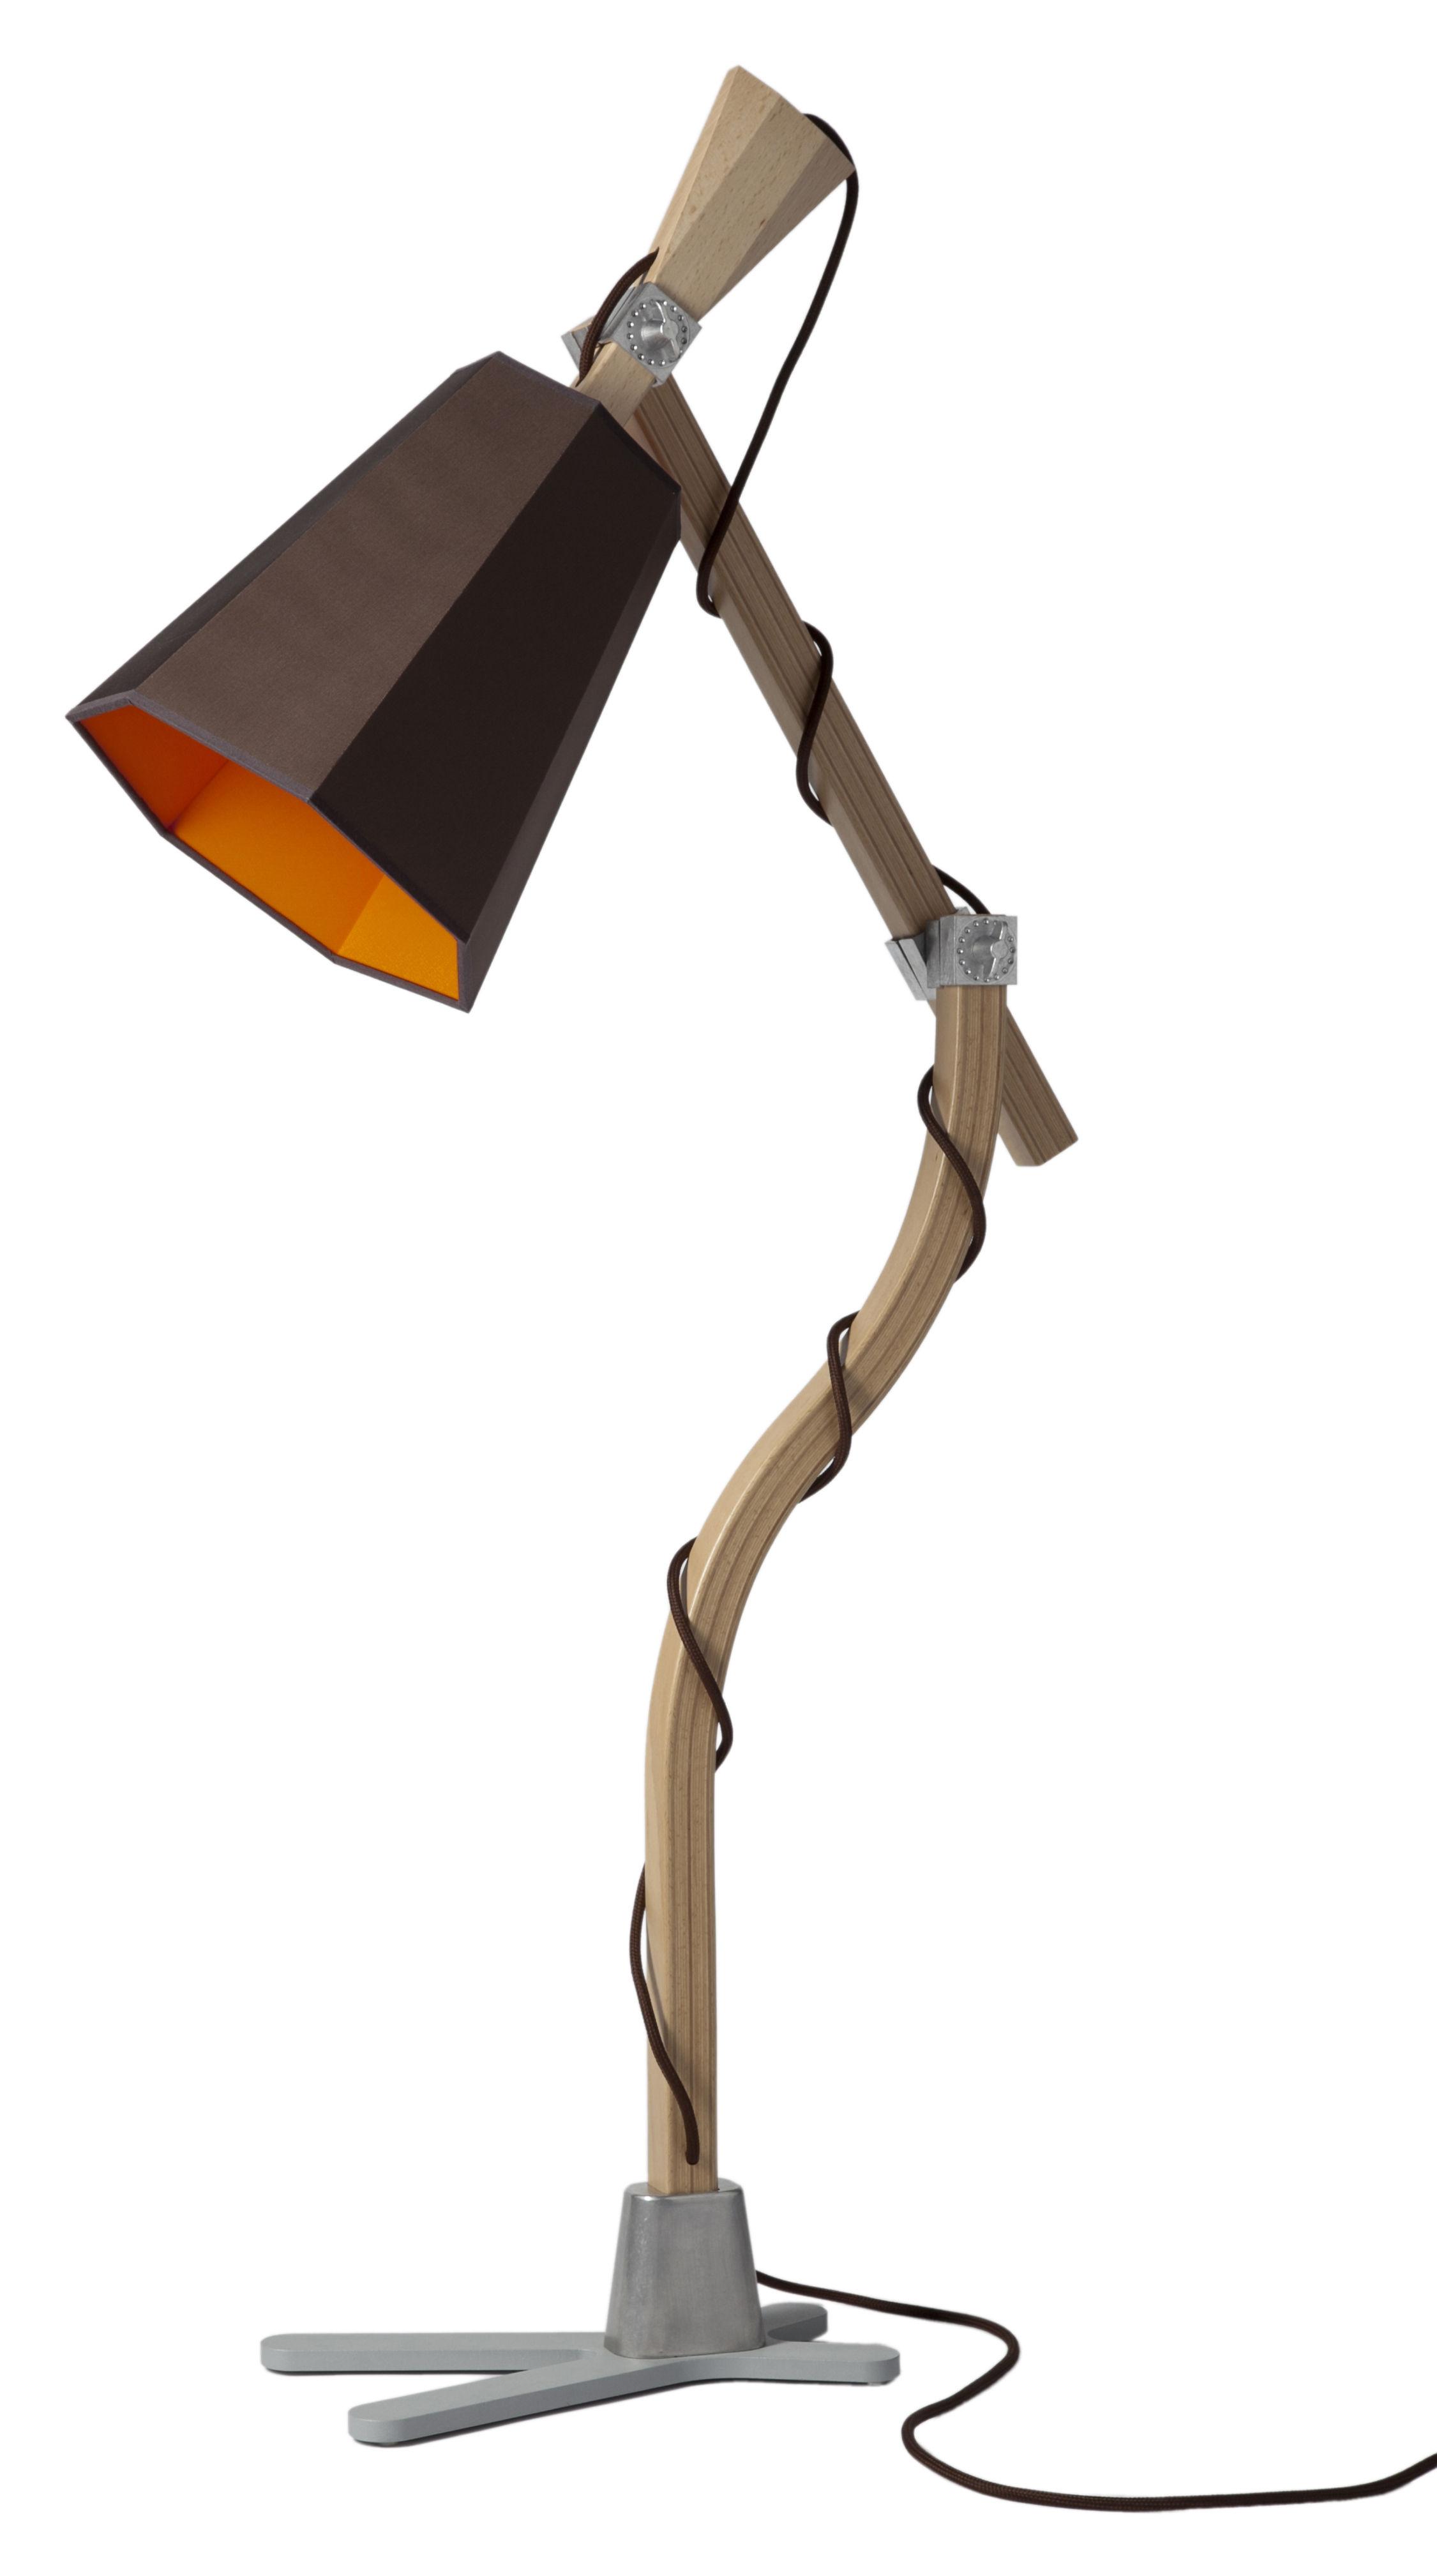 Leuchten - LuXiole Tischleuchte H 88 cm - Designheure - Lampenschirm braun / Innenseite orange - Baumwolle, Buchenfurnier, lackierter Stahl